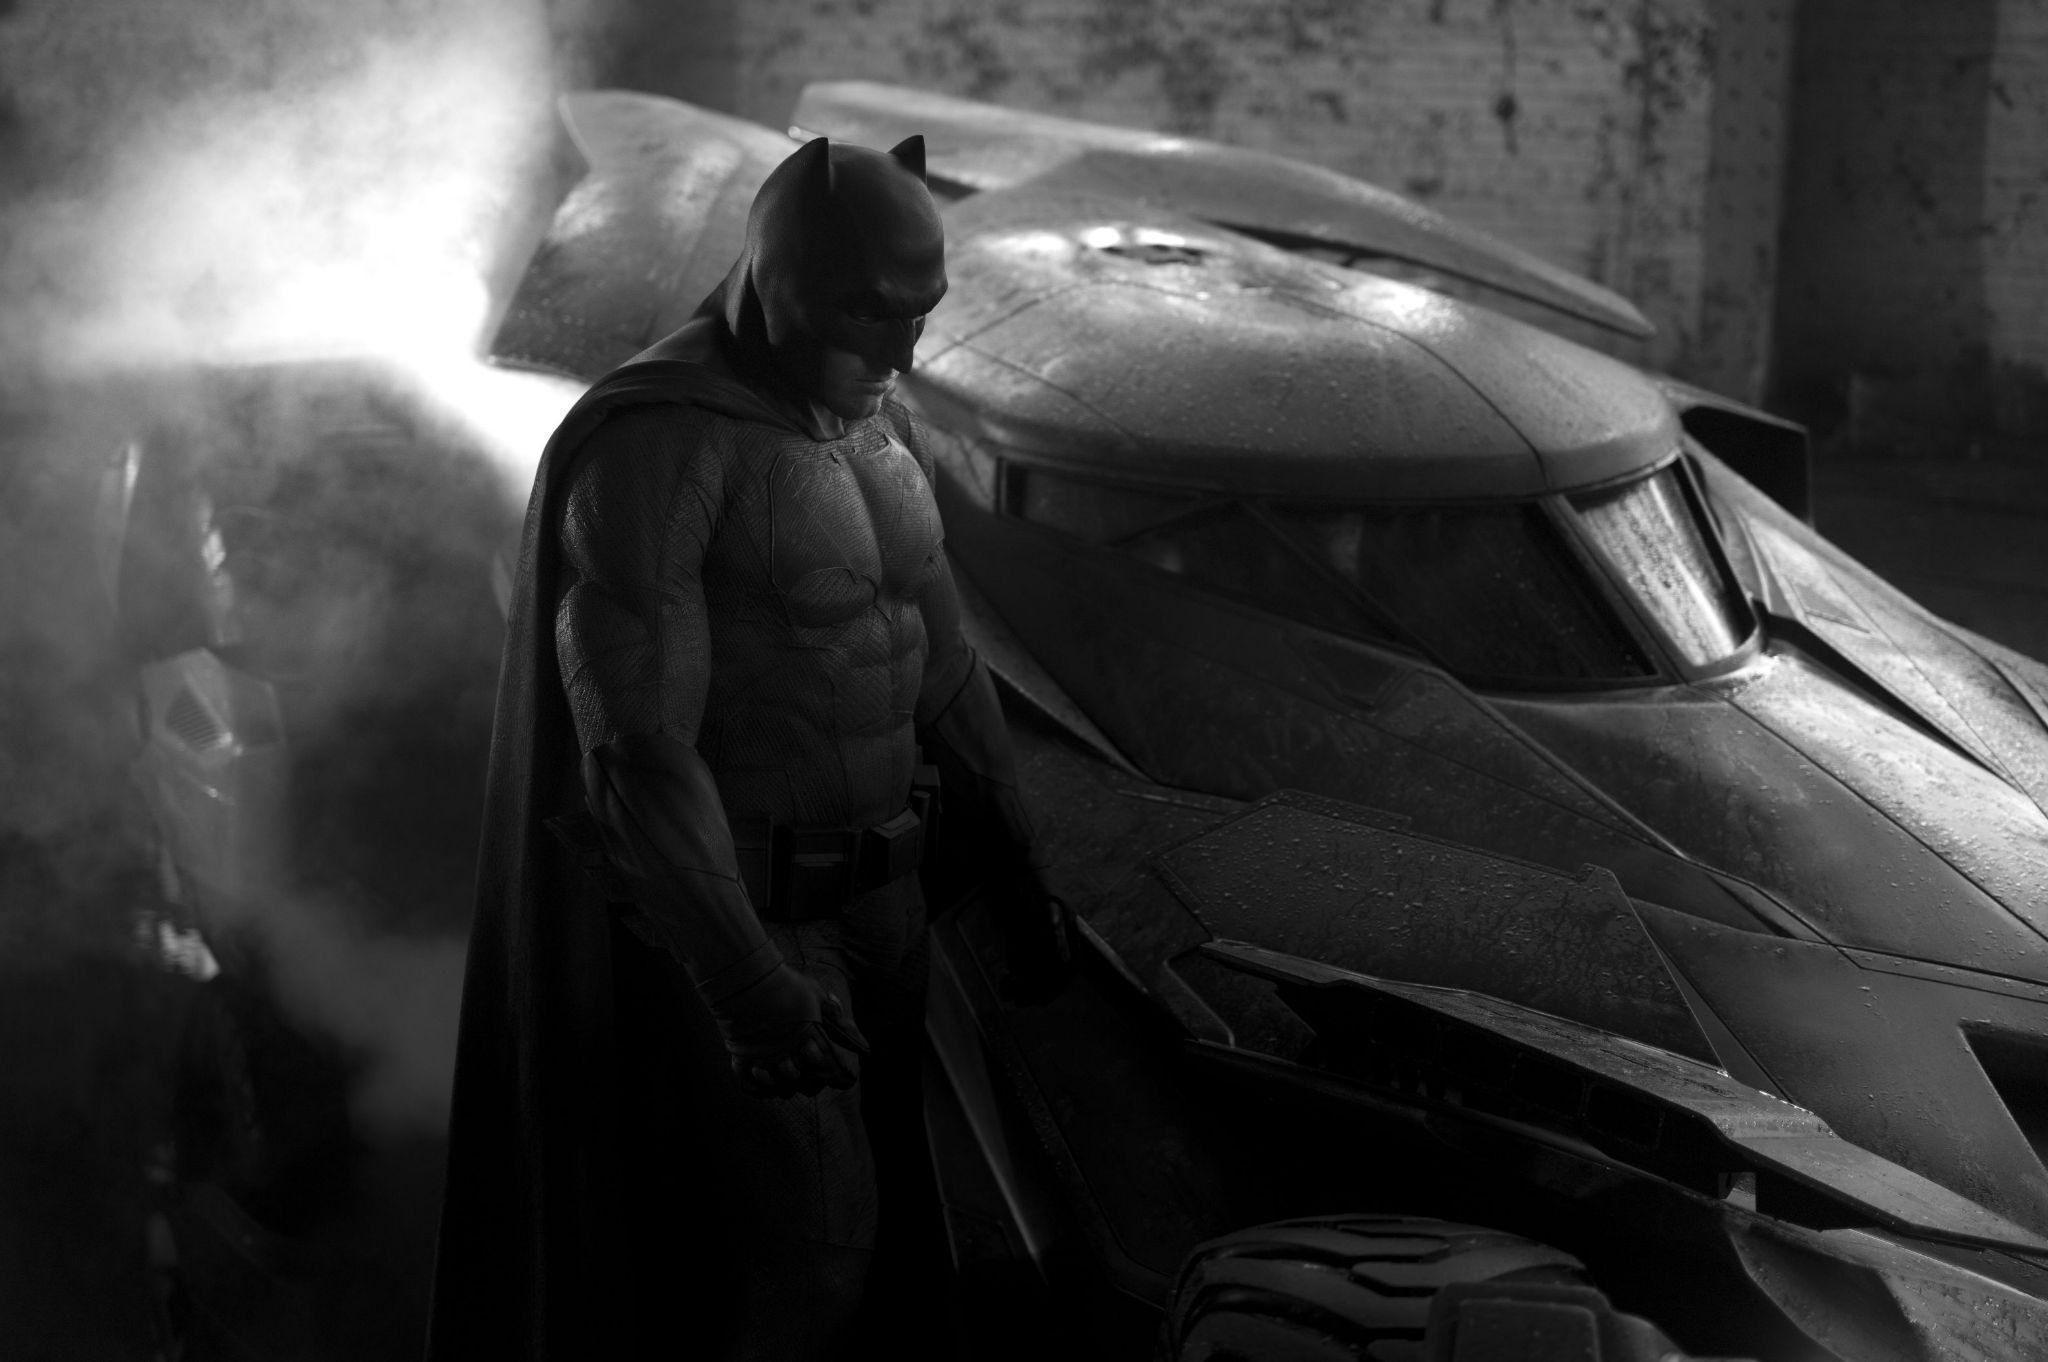 """扎克·斯奈德公布本·阿弗莱克(Ben Affleck)""""蝙蝠侠""""造型"""